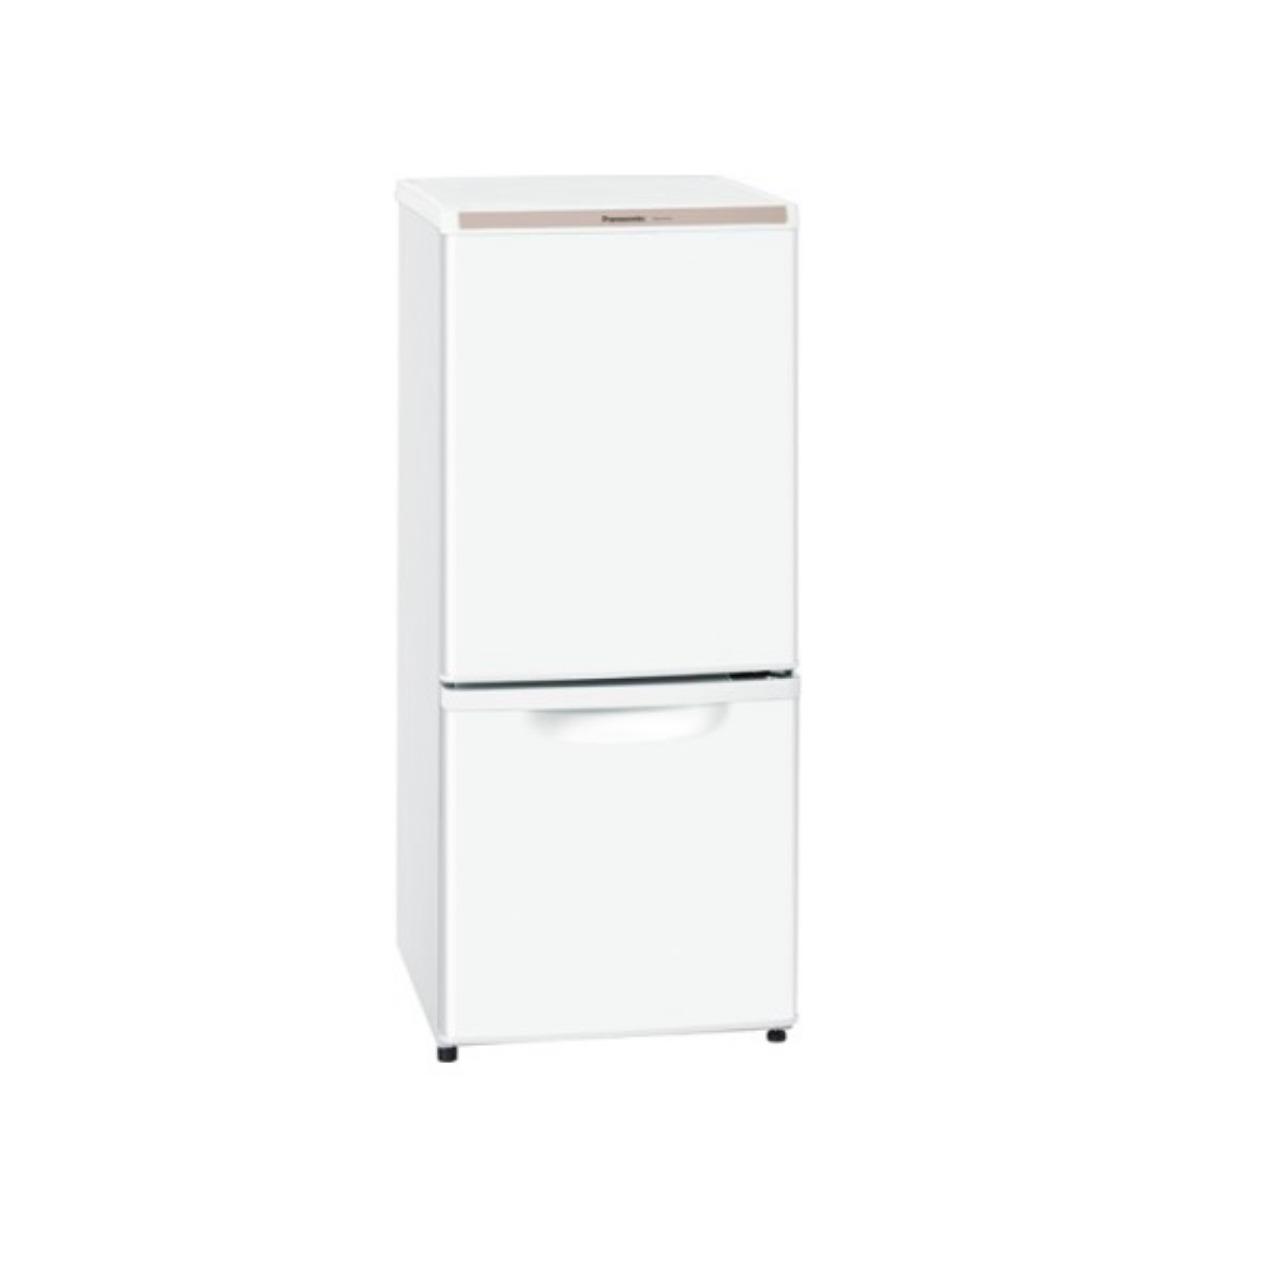 パナソニックNR-B147W冷蔵庫